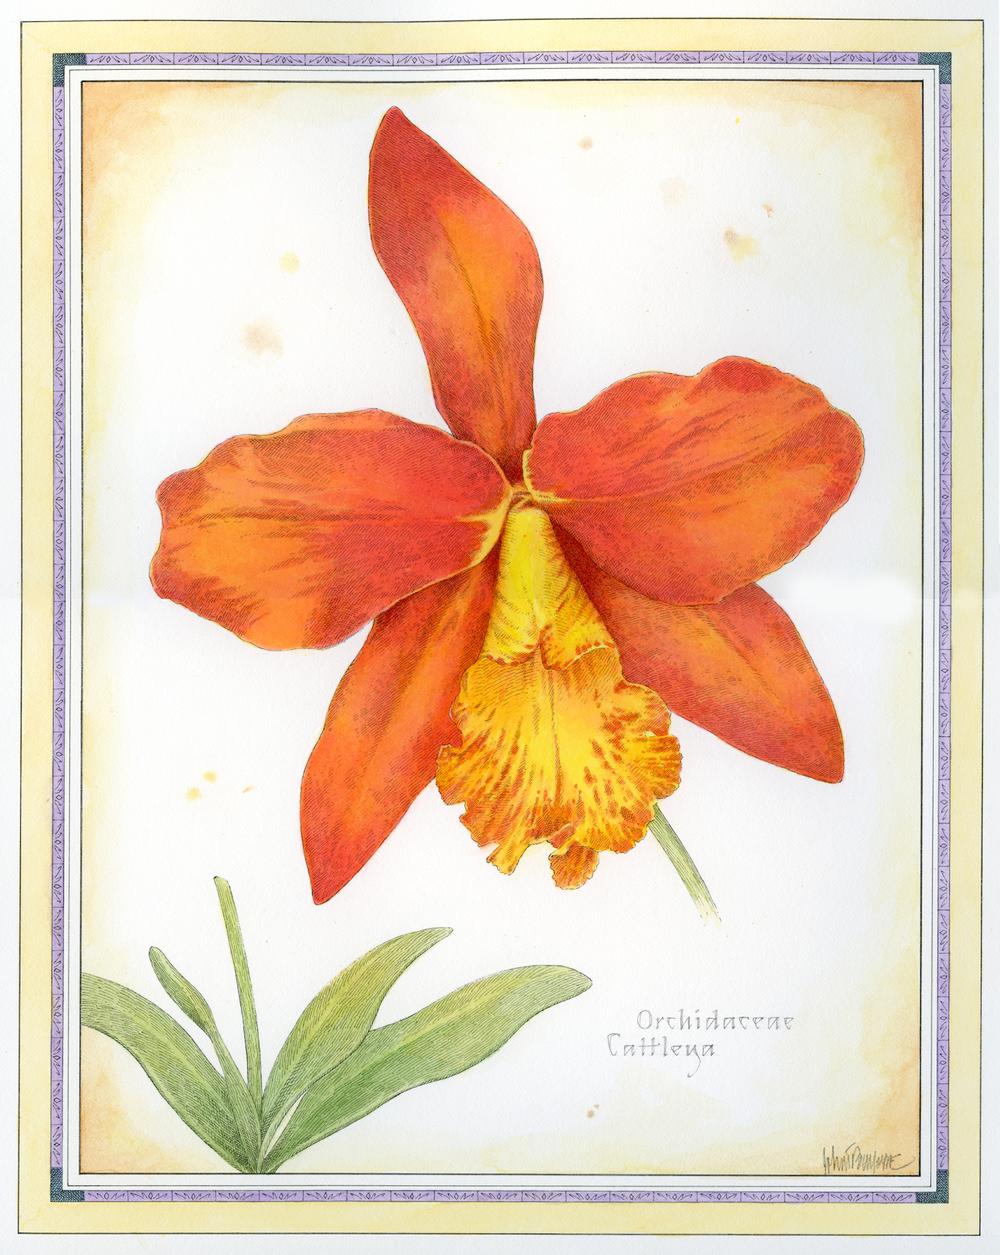 Orange Cattleya.jpg